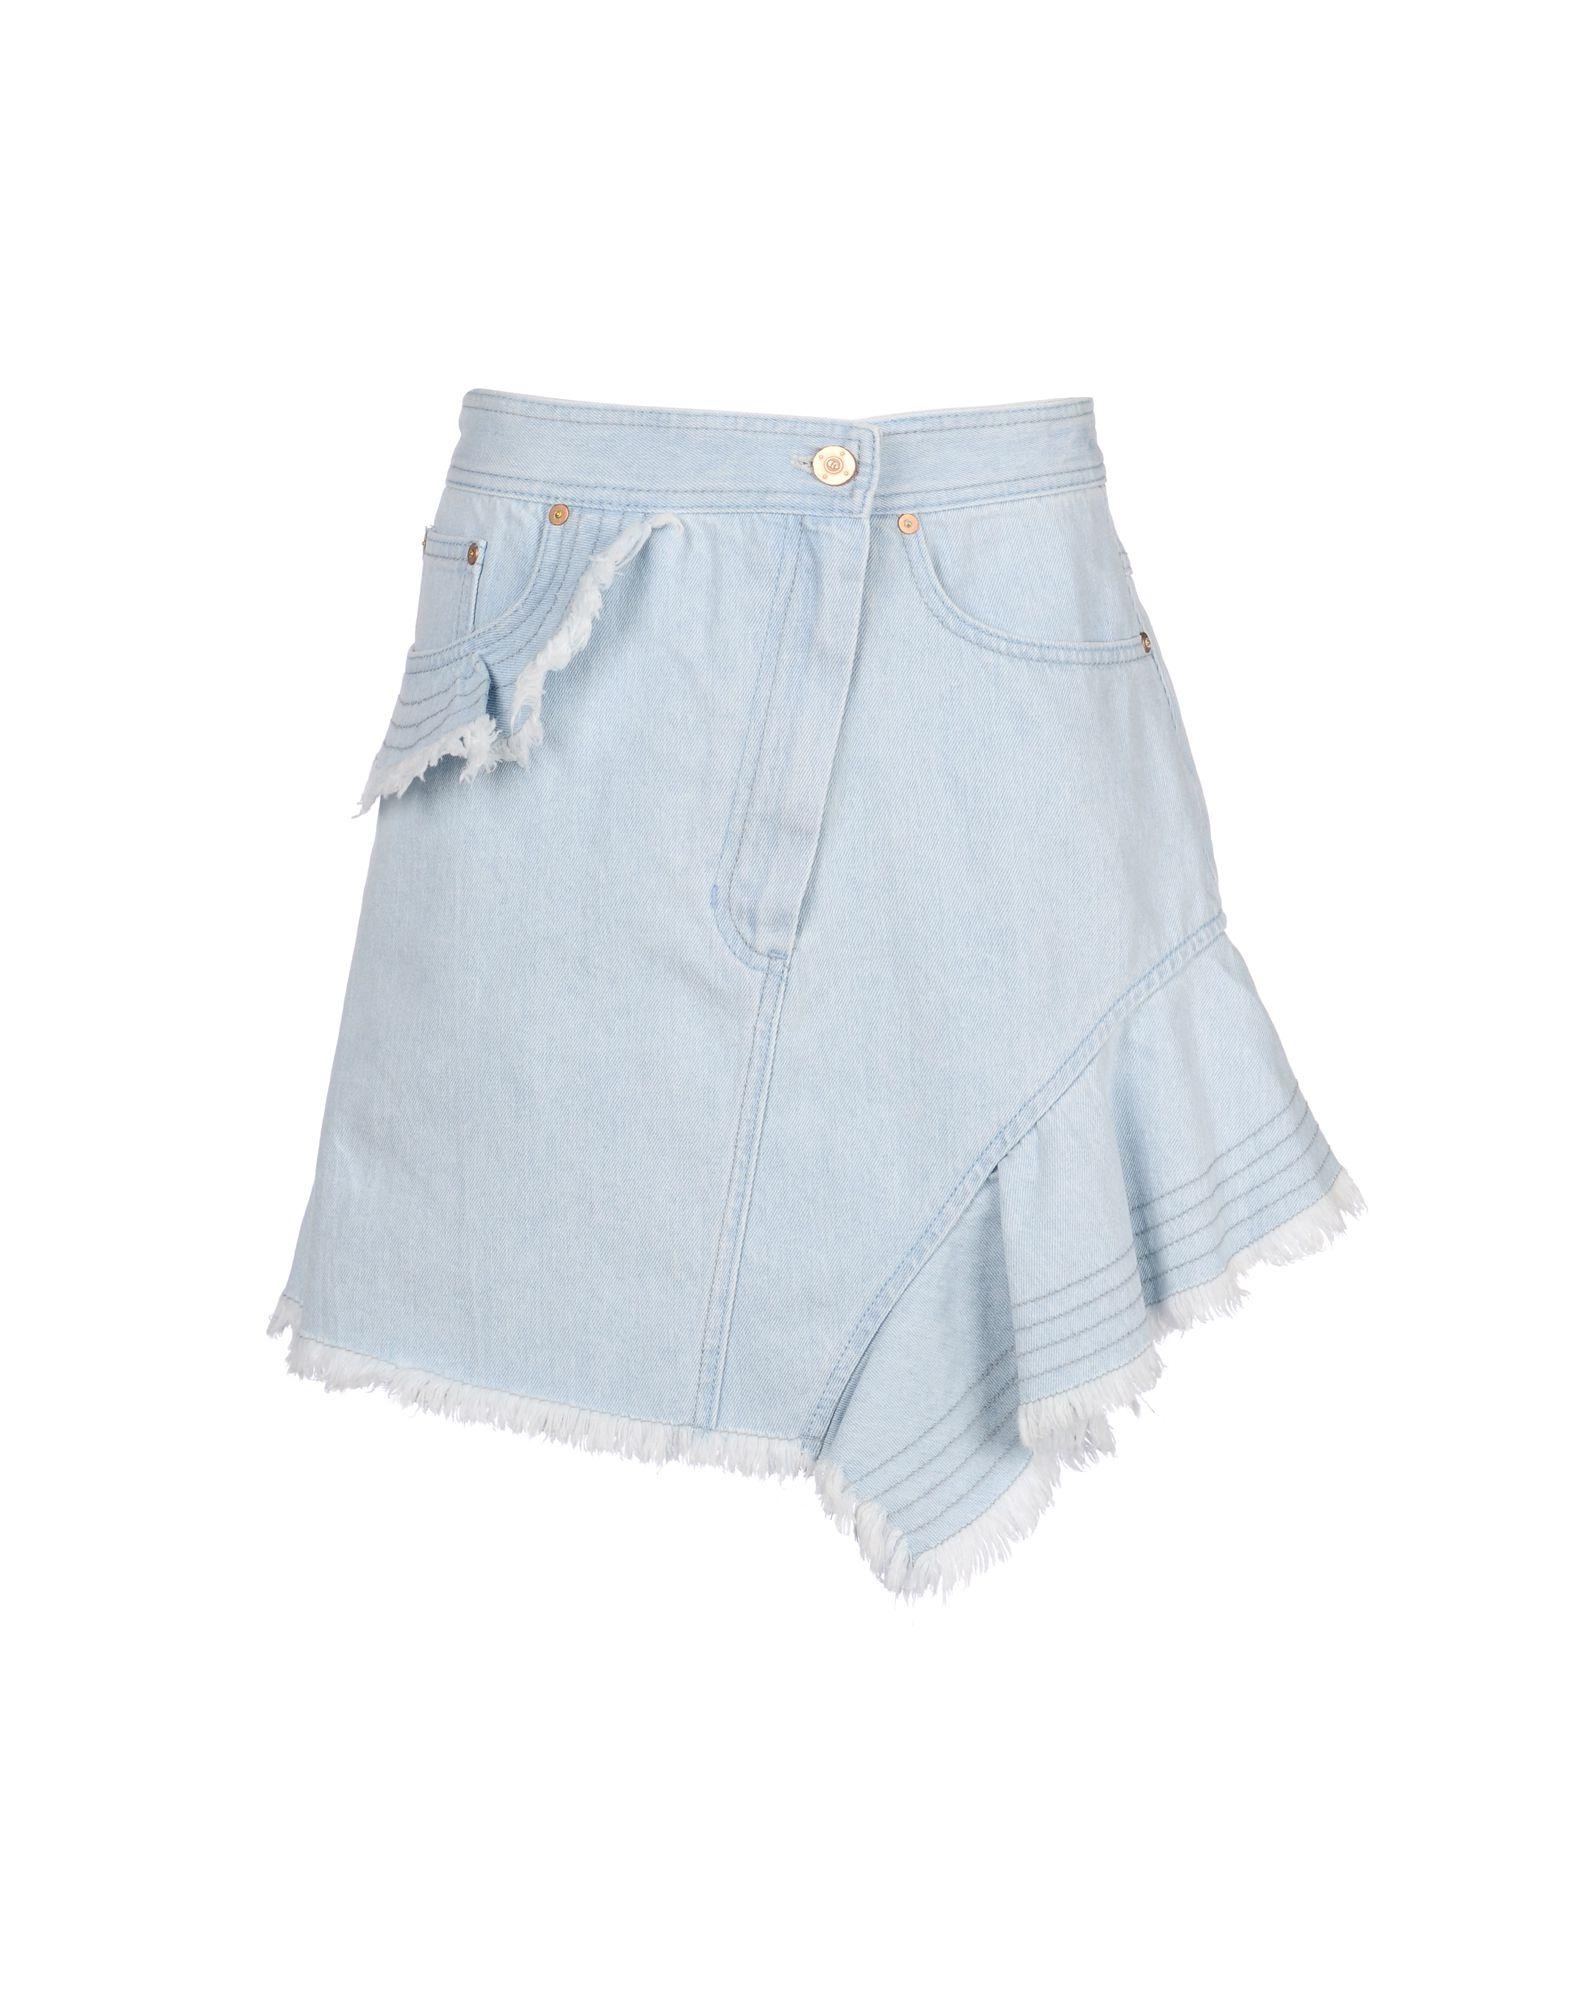 LUCKY CHOUETTE Джинсовая юбка lucky chouette брючный комбинезон